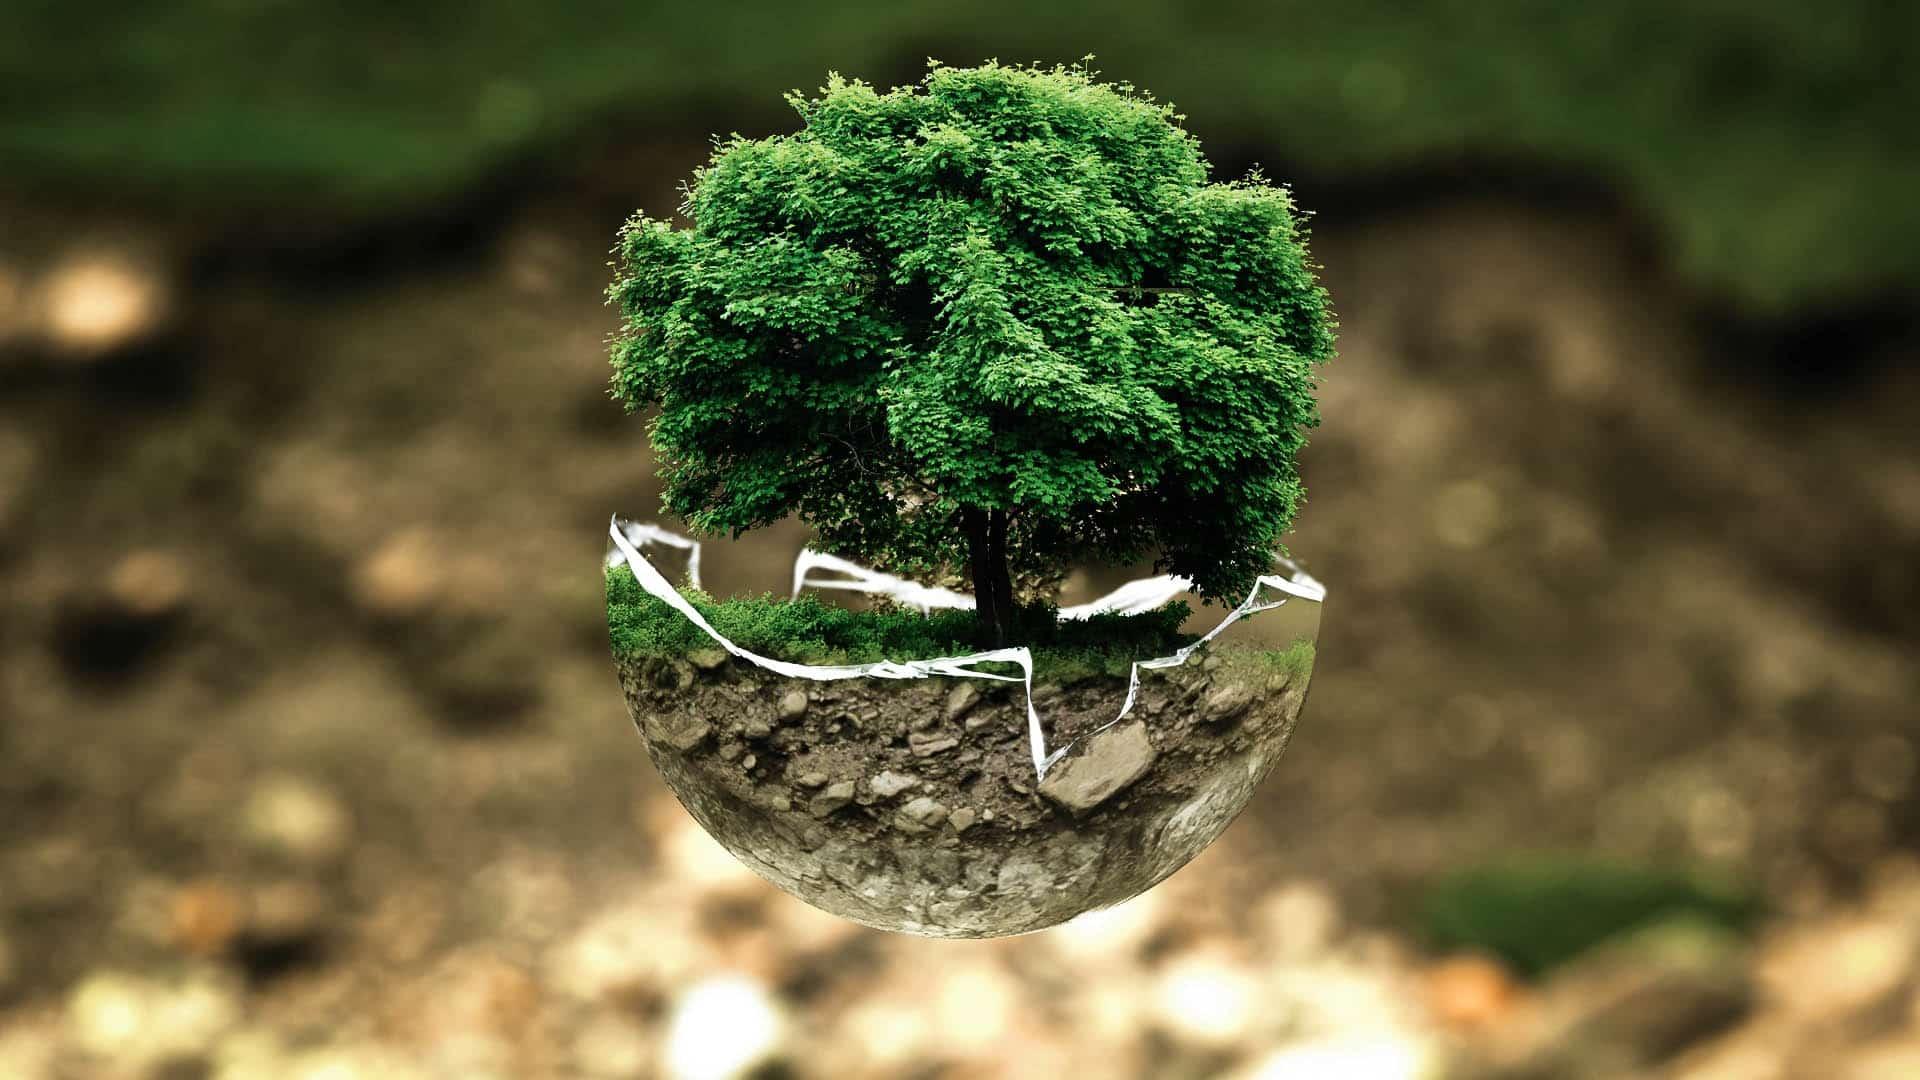 ちいさな木のお世話